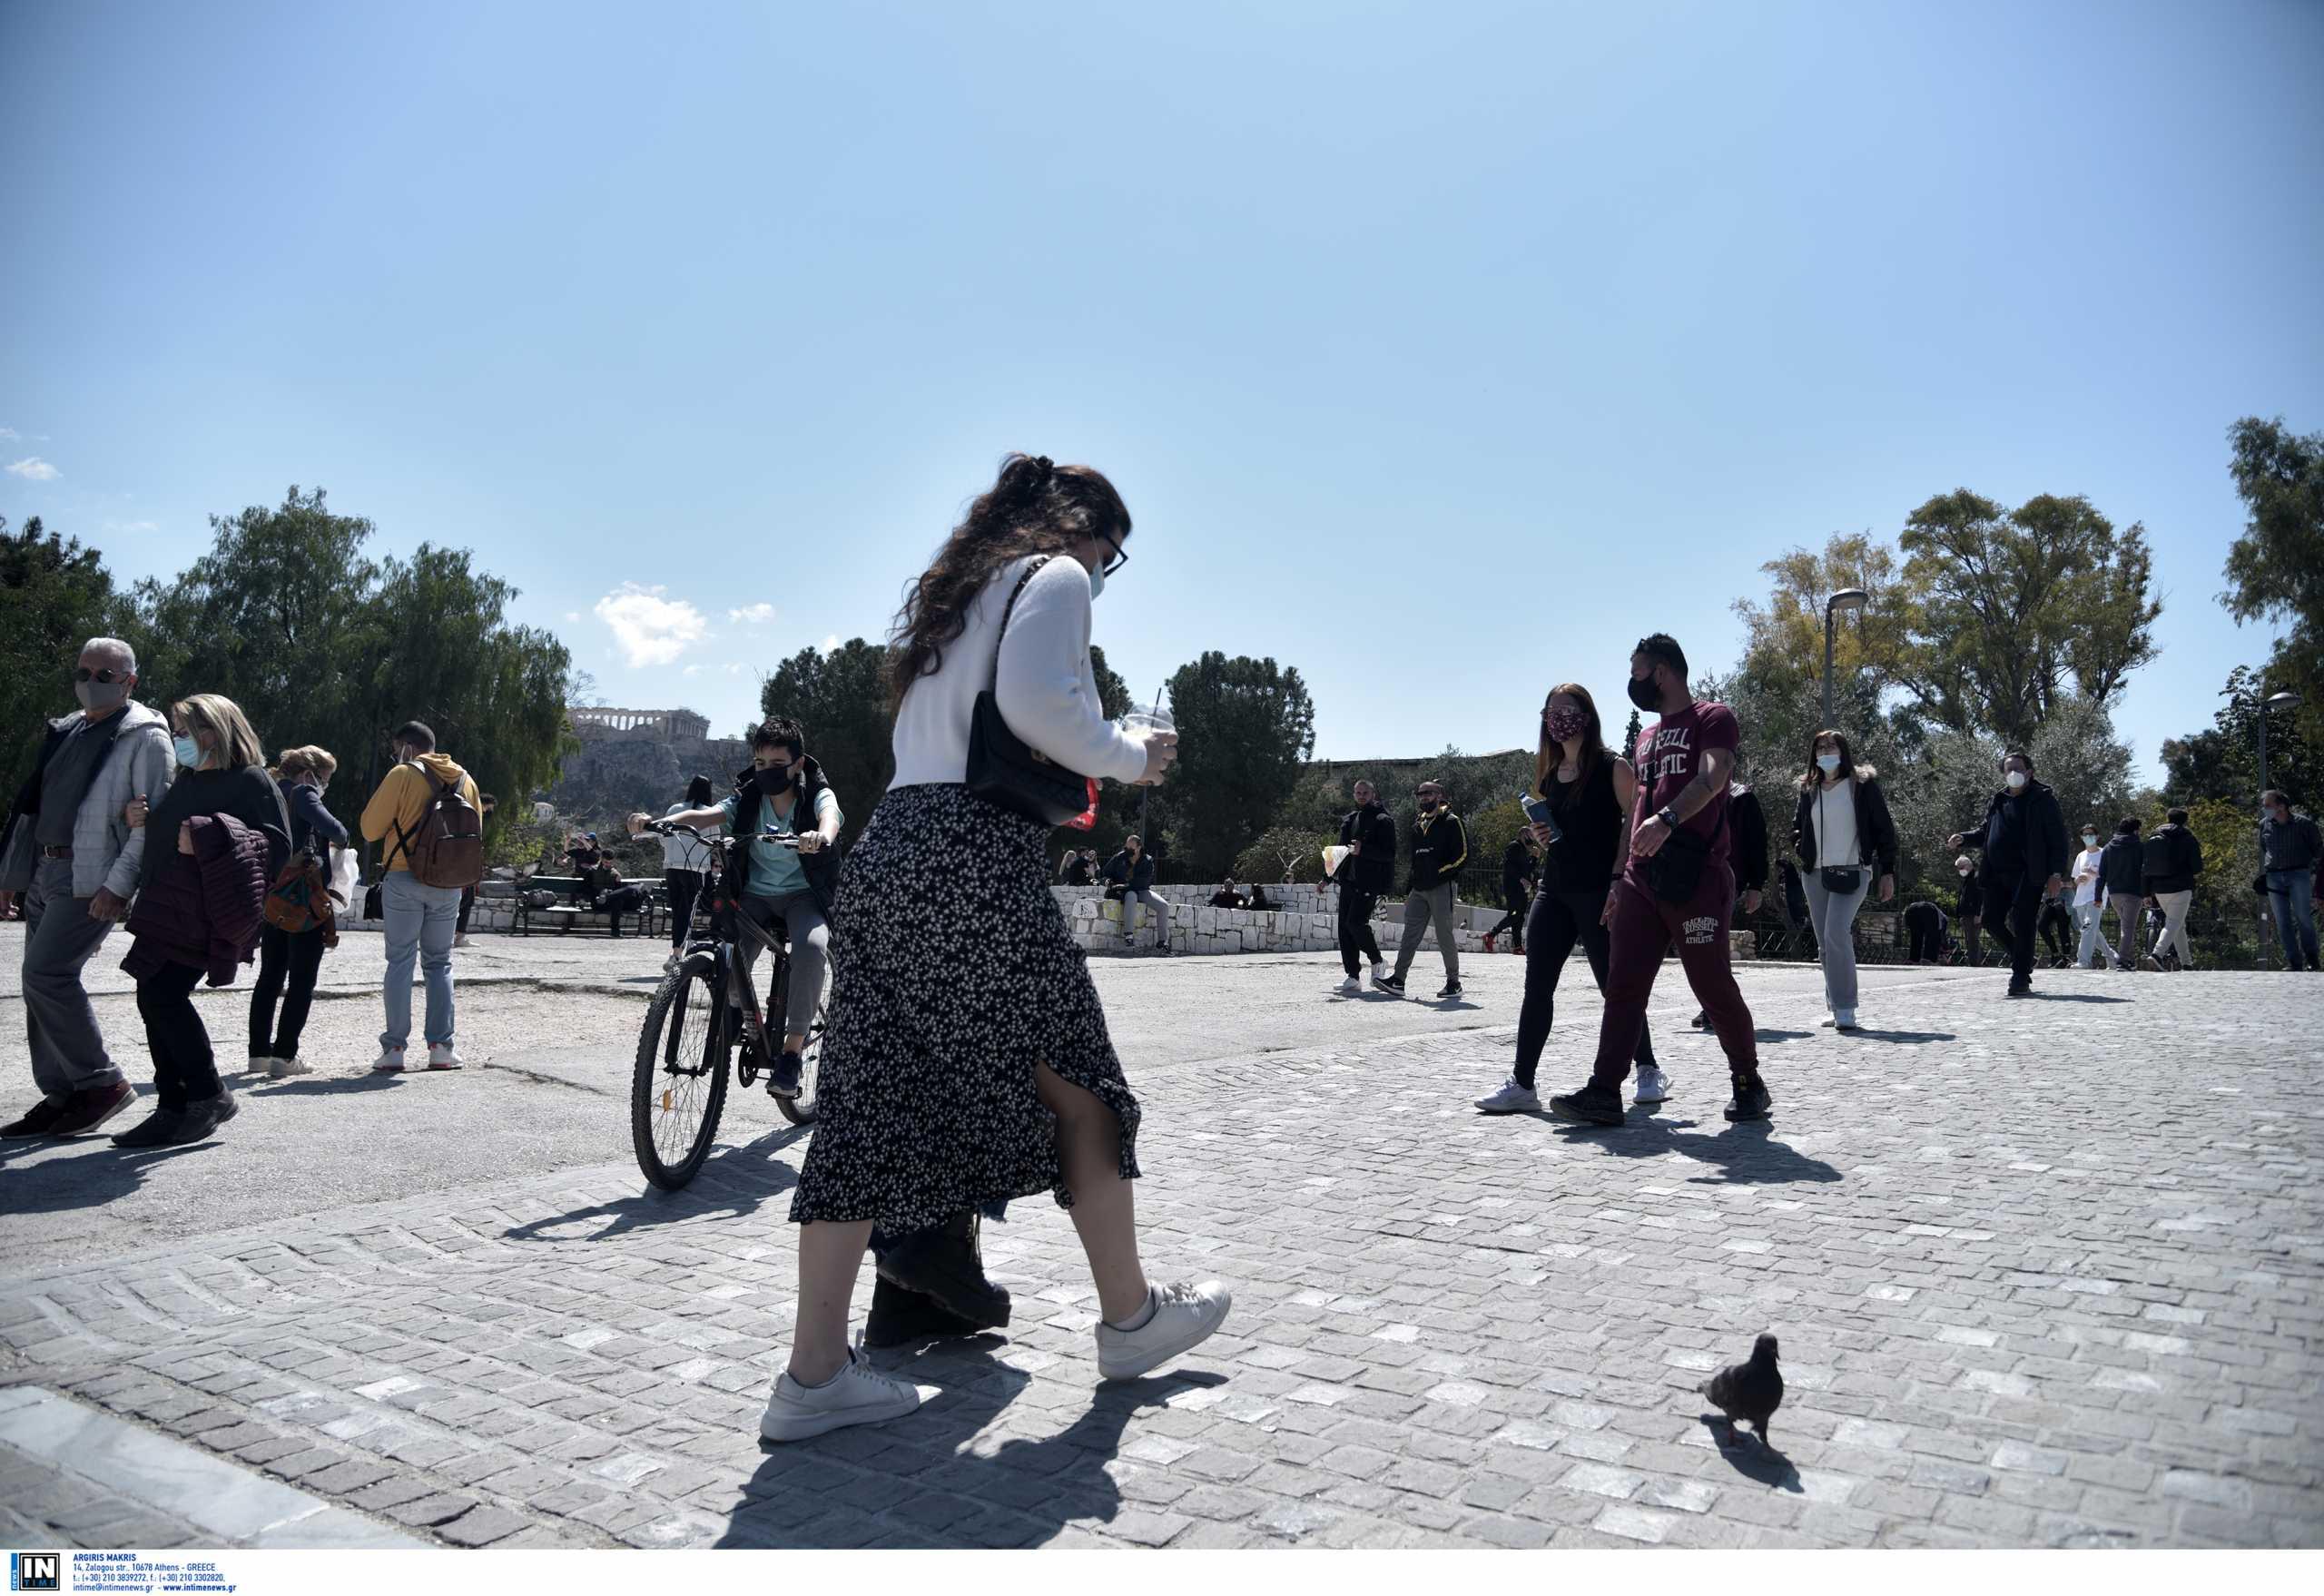 Στην Ελλάδα τα μισά κρούσματα του πλανήτη με τη συνδυαστική μετάλλαξη Ν. Αφρικής και Βραζιλίας